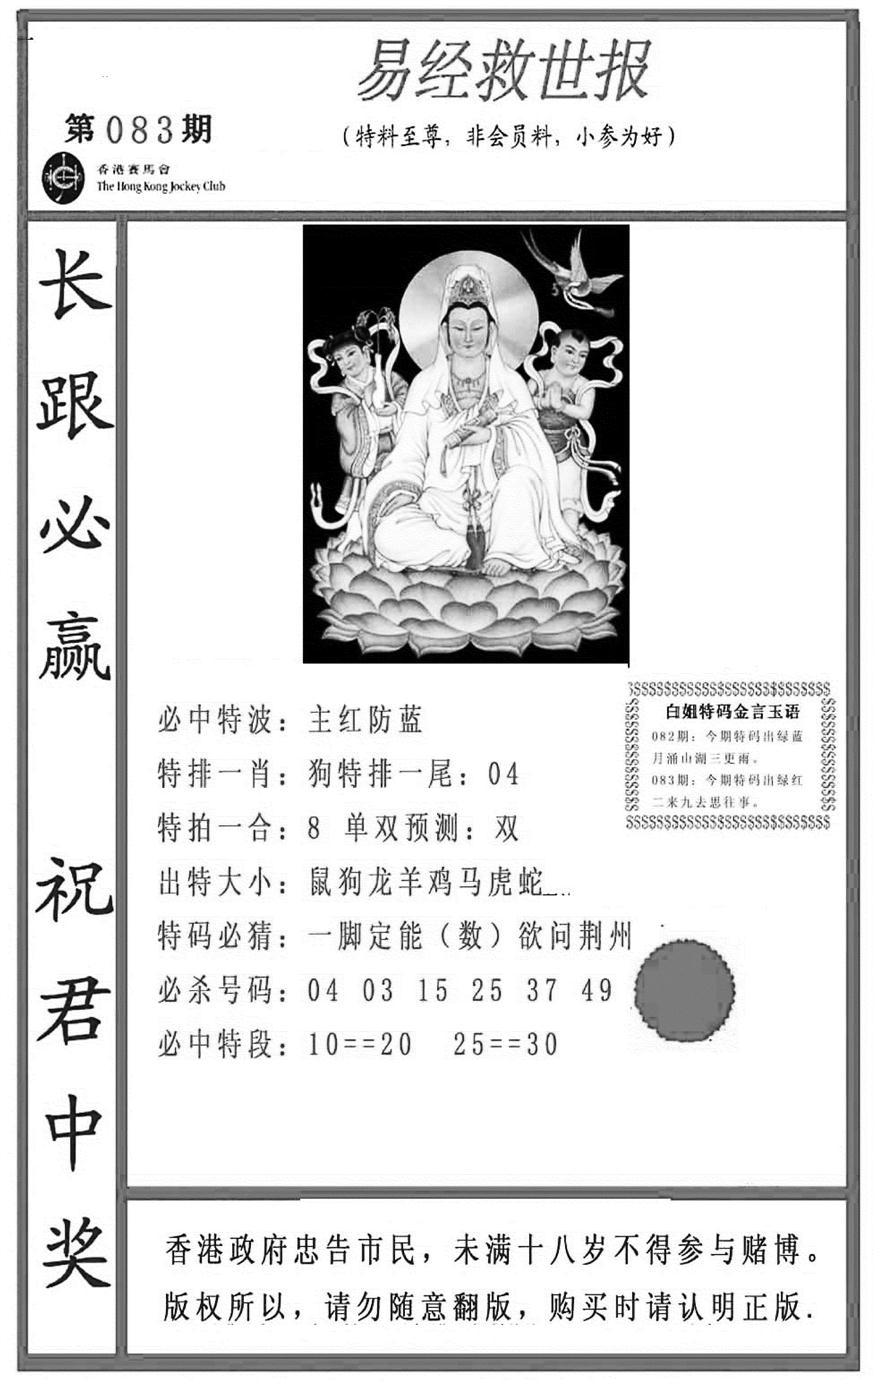 083期易经救世报(正版)(黑白)